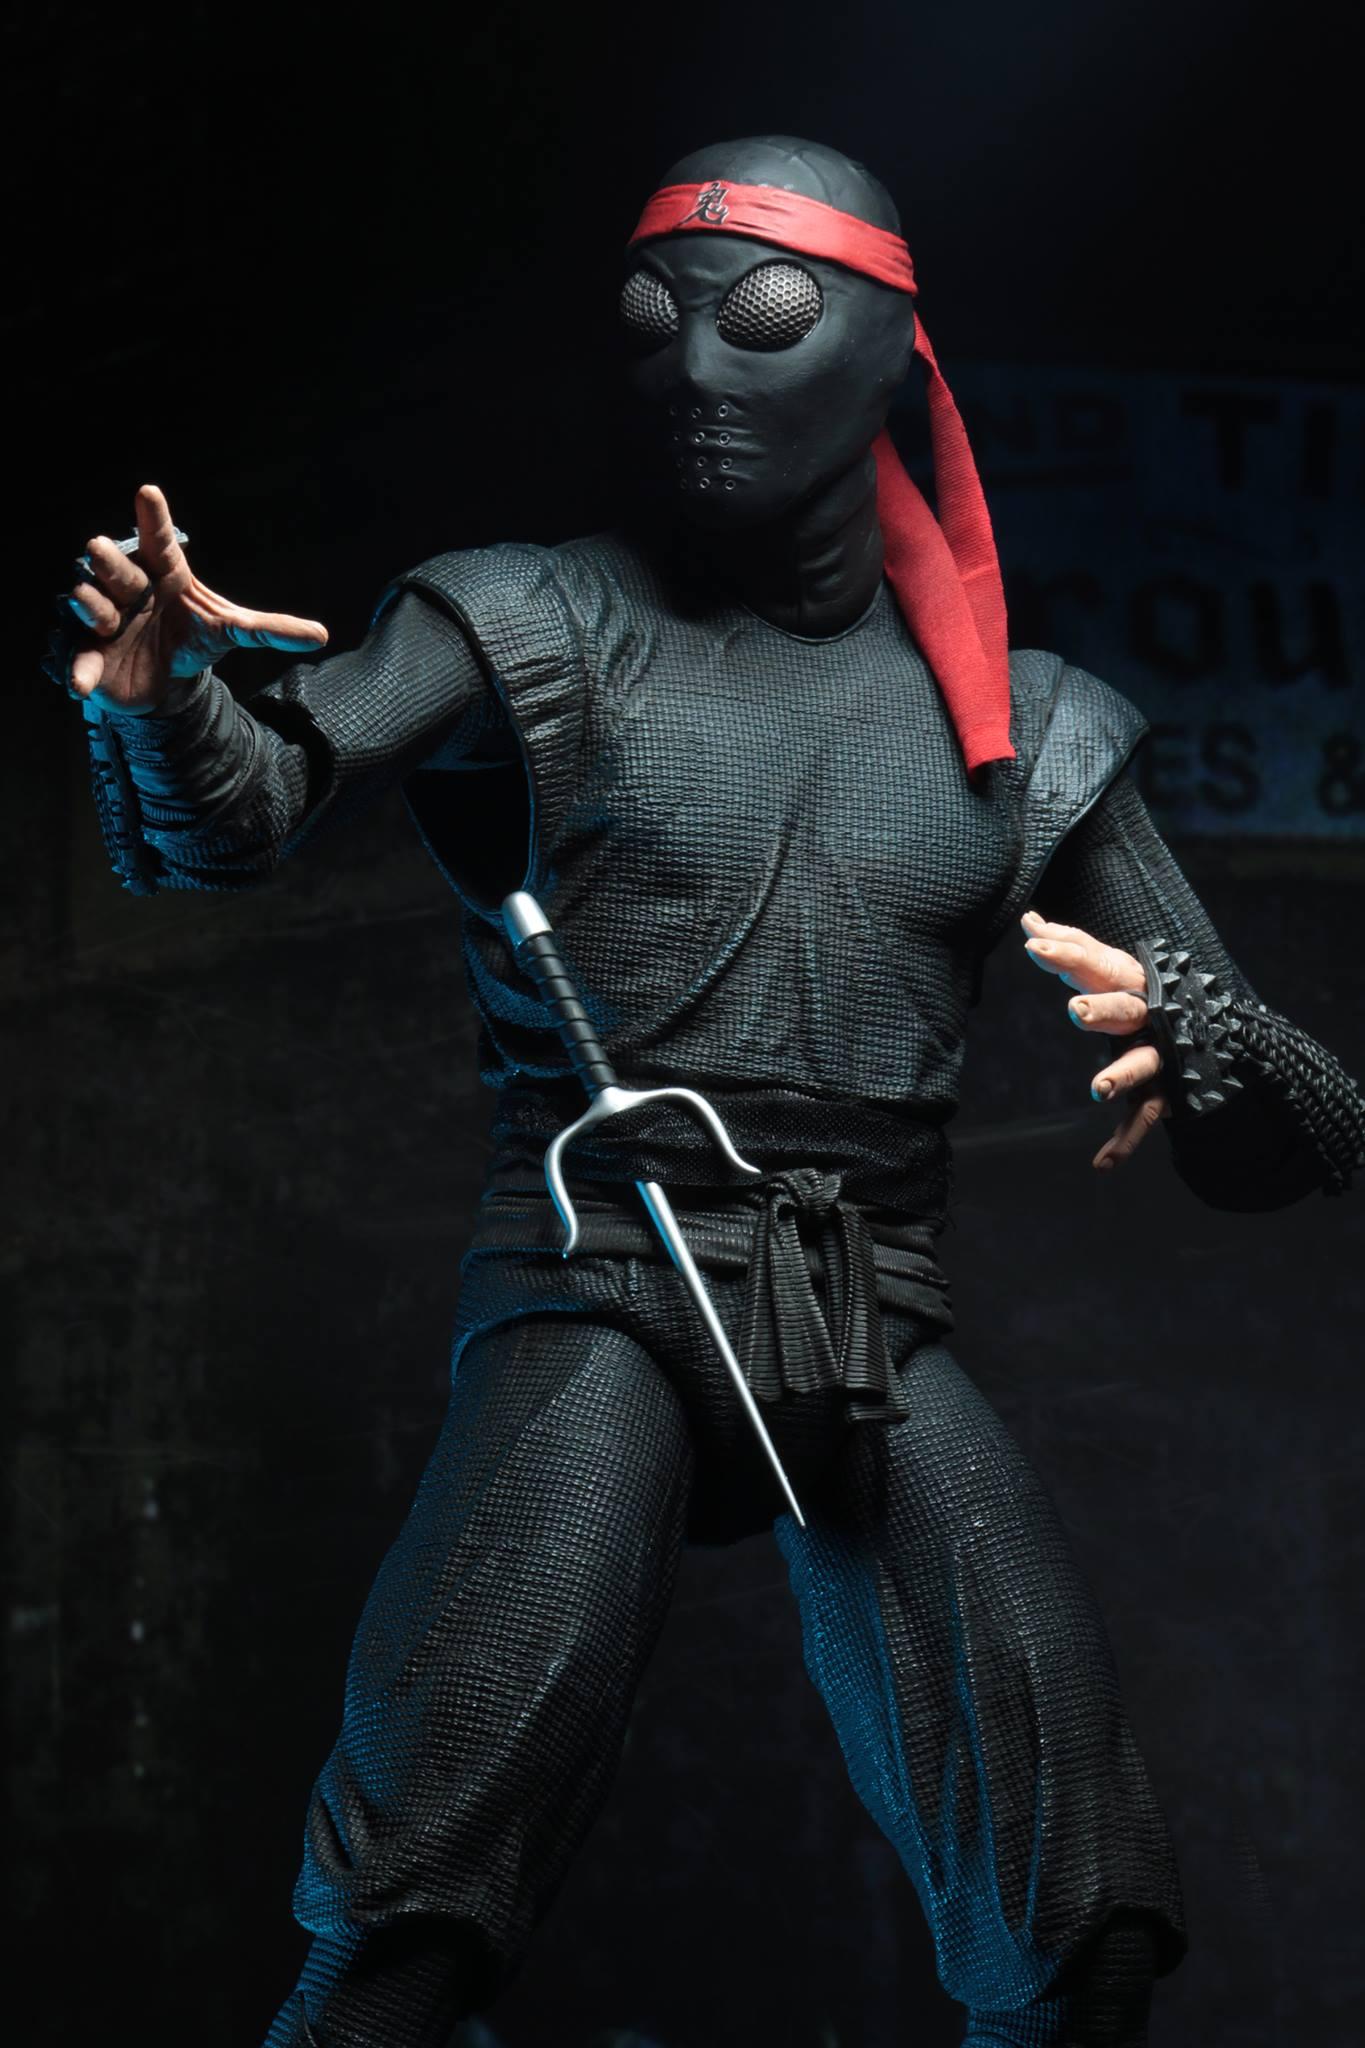 Teenage Mutant Ninja Turtles 1 4 Scale Action Figure Neca Foot Clan Soldier Film Tv Videospiele